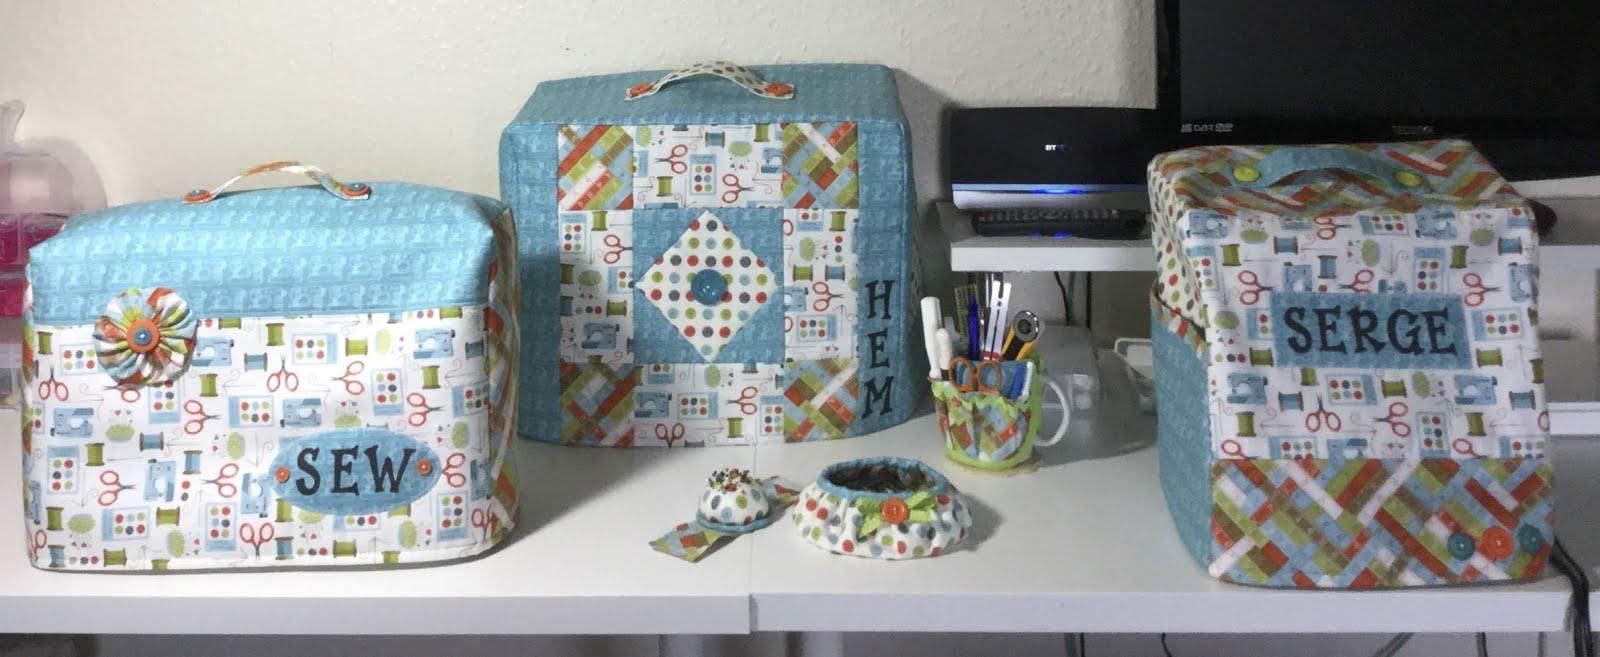 sew and serge sewing machine